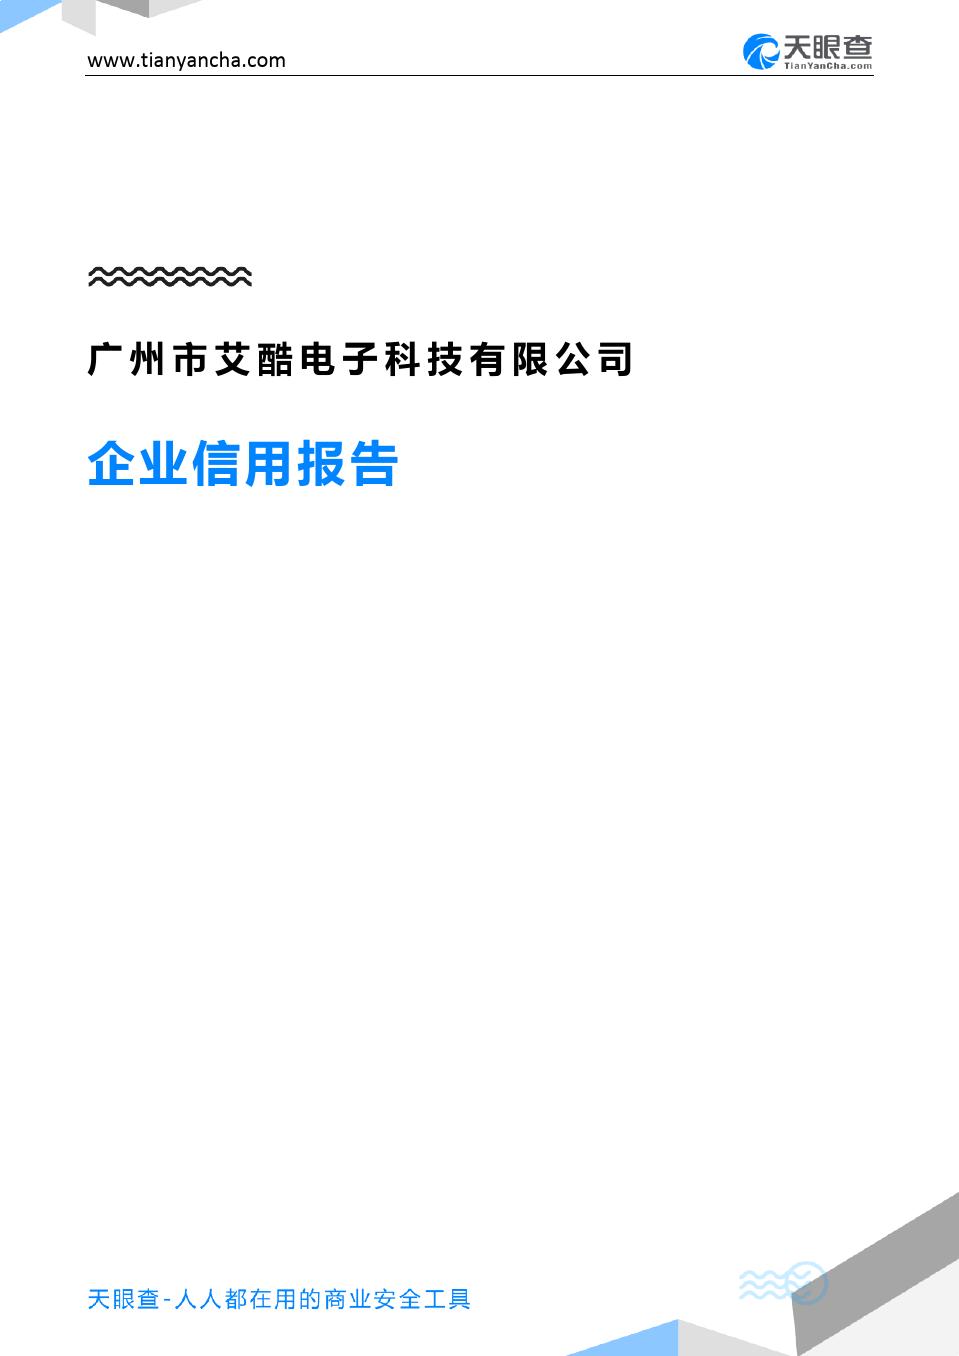 广州市艾酷电子科技有限公司(企业信用报告)- 天眼查